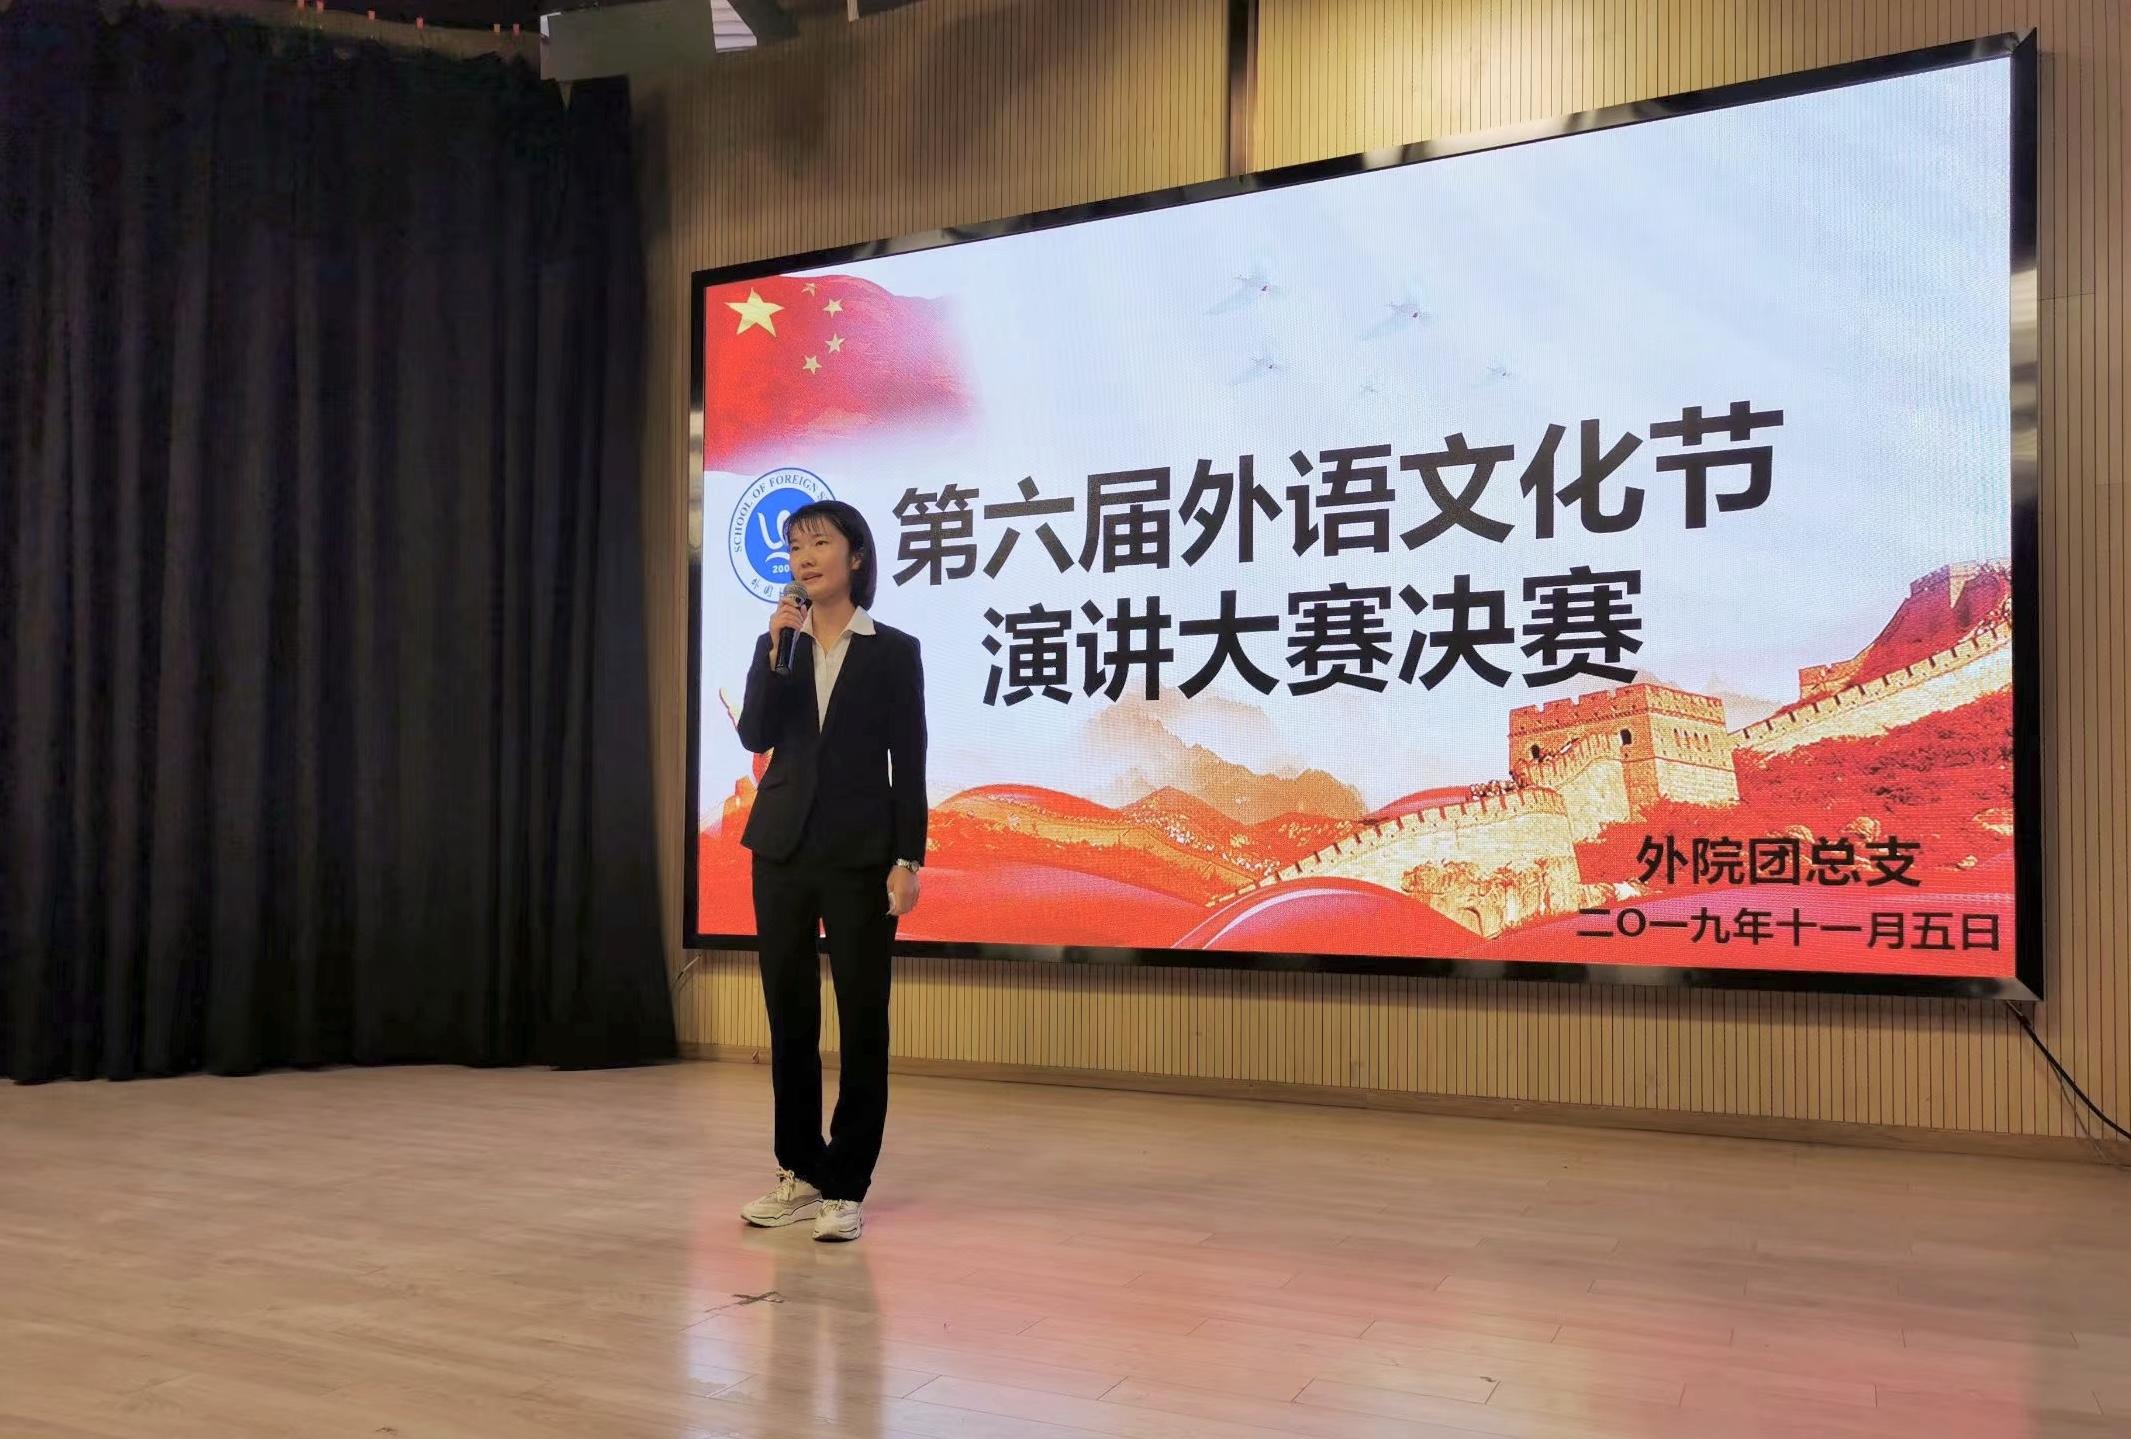 外国语学院举办第六届外语文化节英语演讲决赛